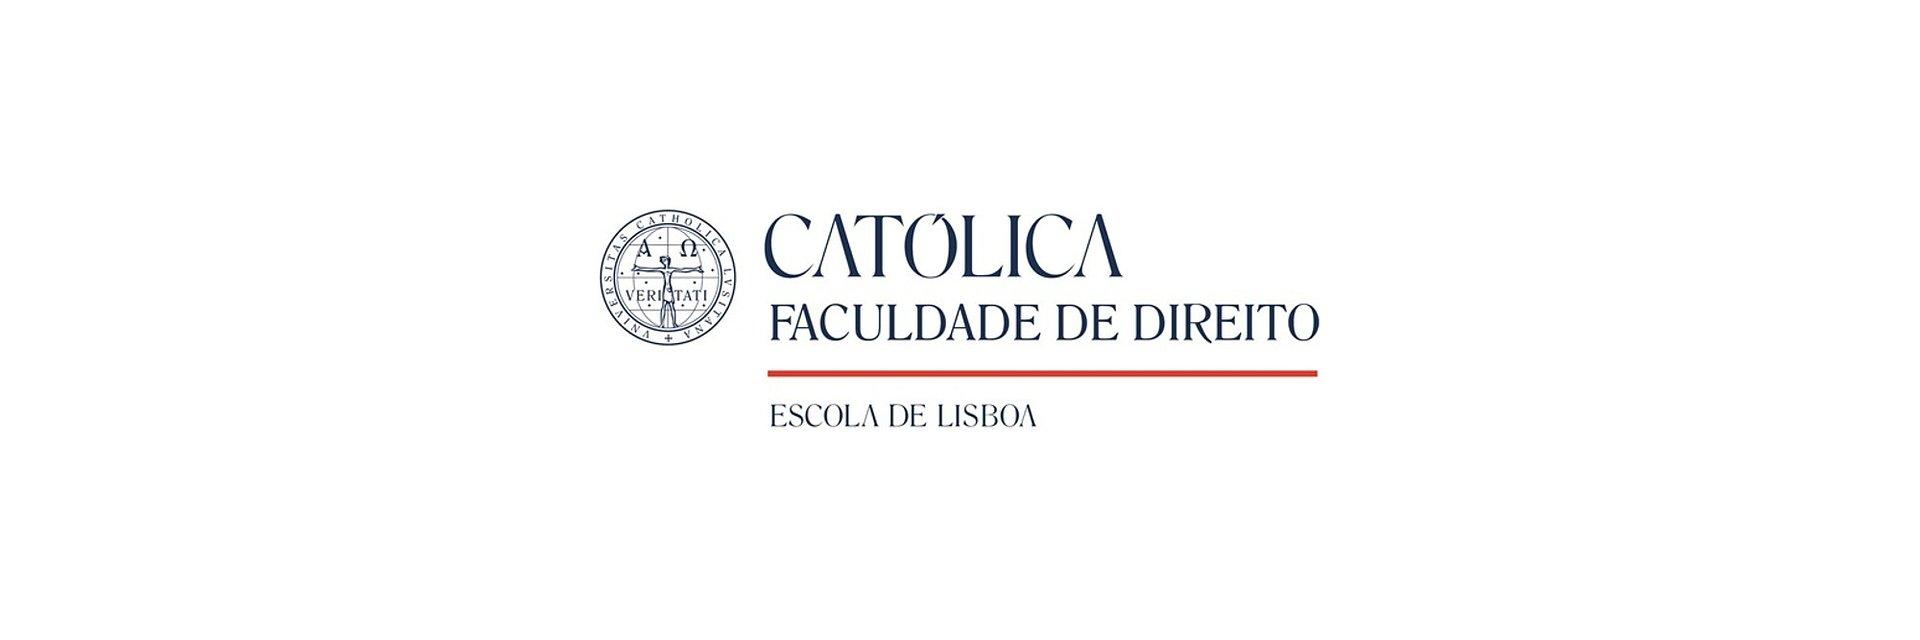 Faculdade de Direito da Universidade Católica Portuguesa prepara modelo de ensino híbrido